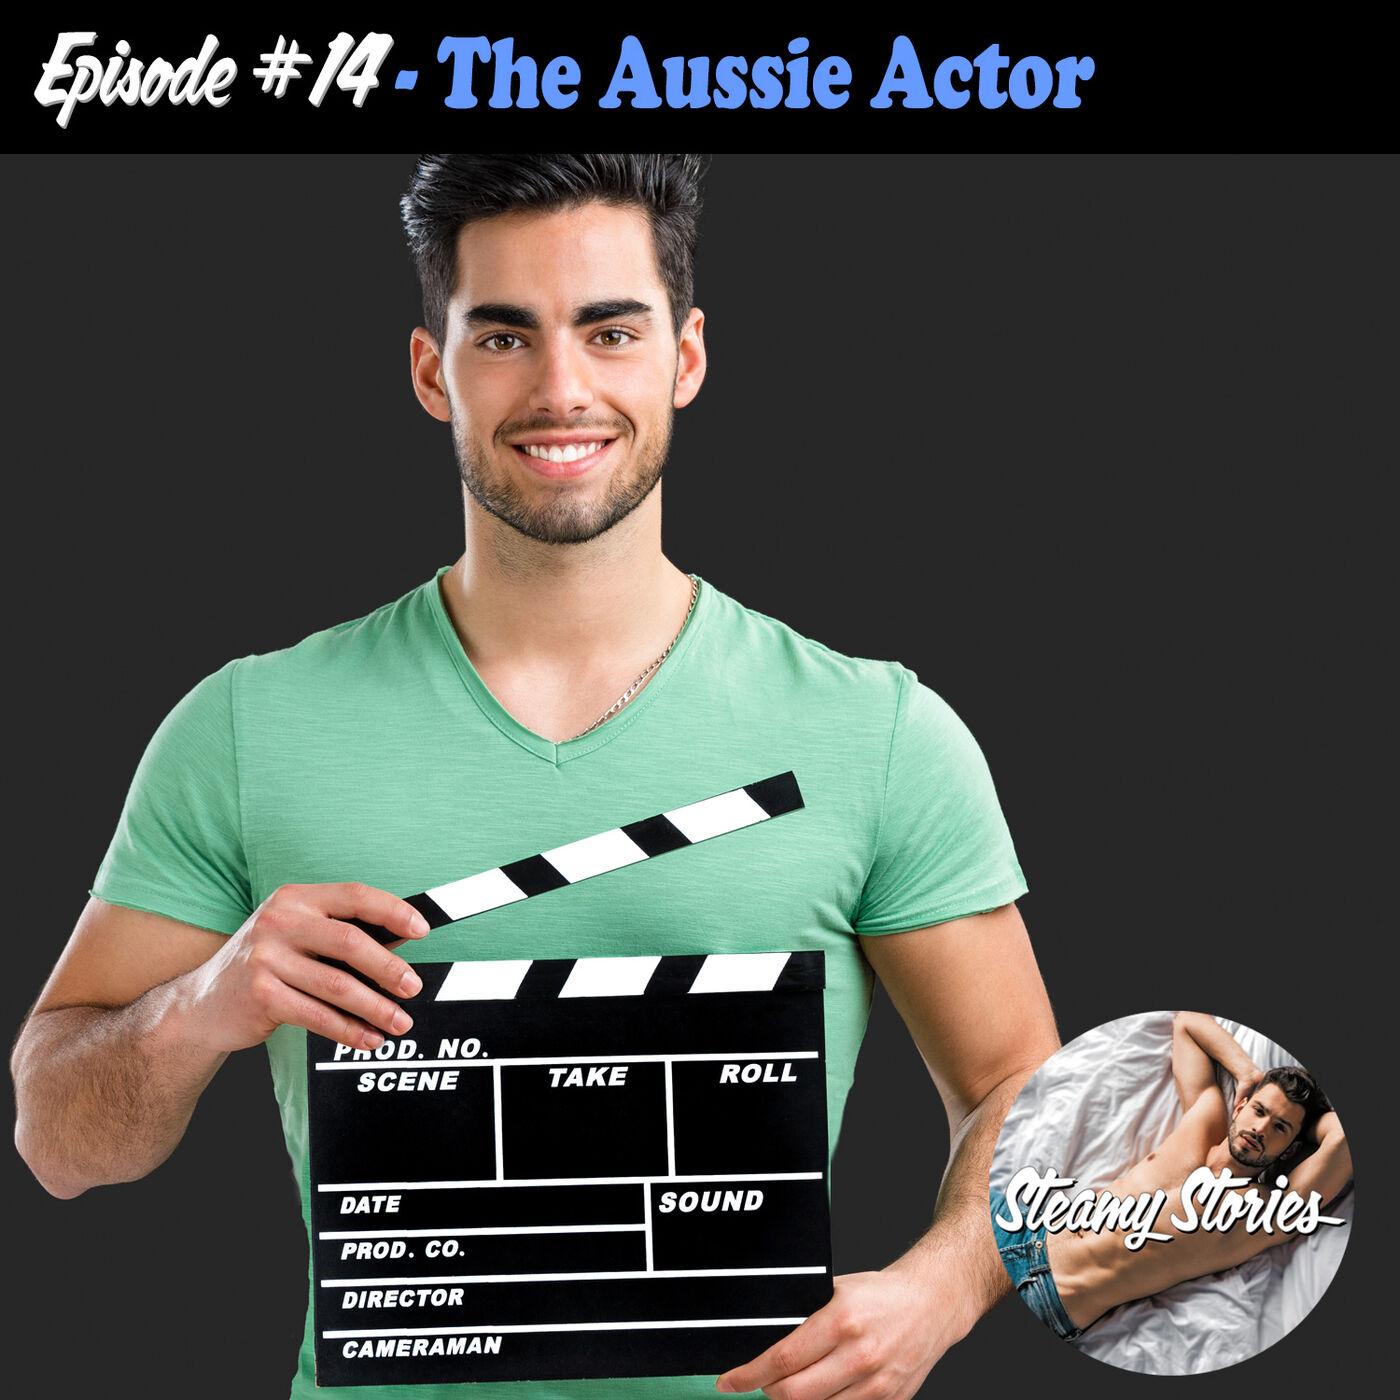 14. The Aussie Actor